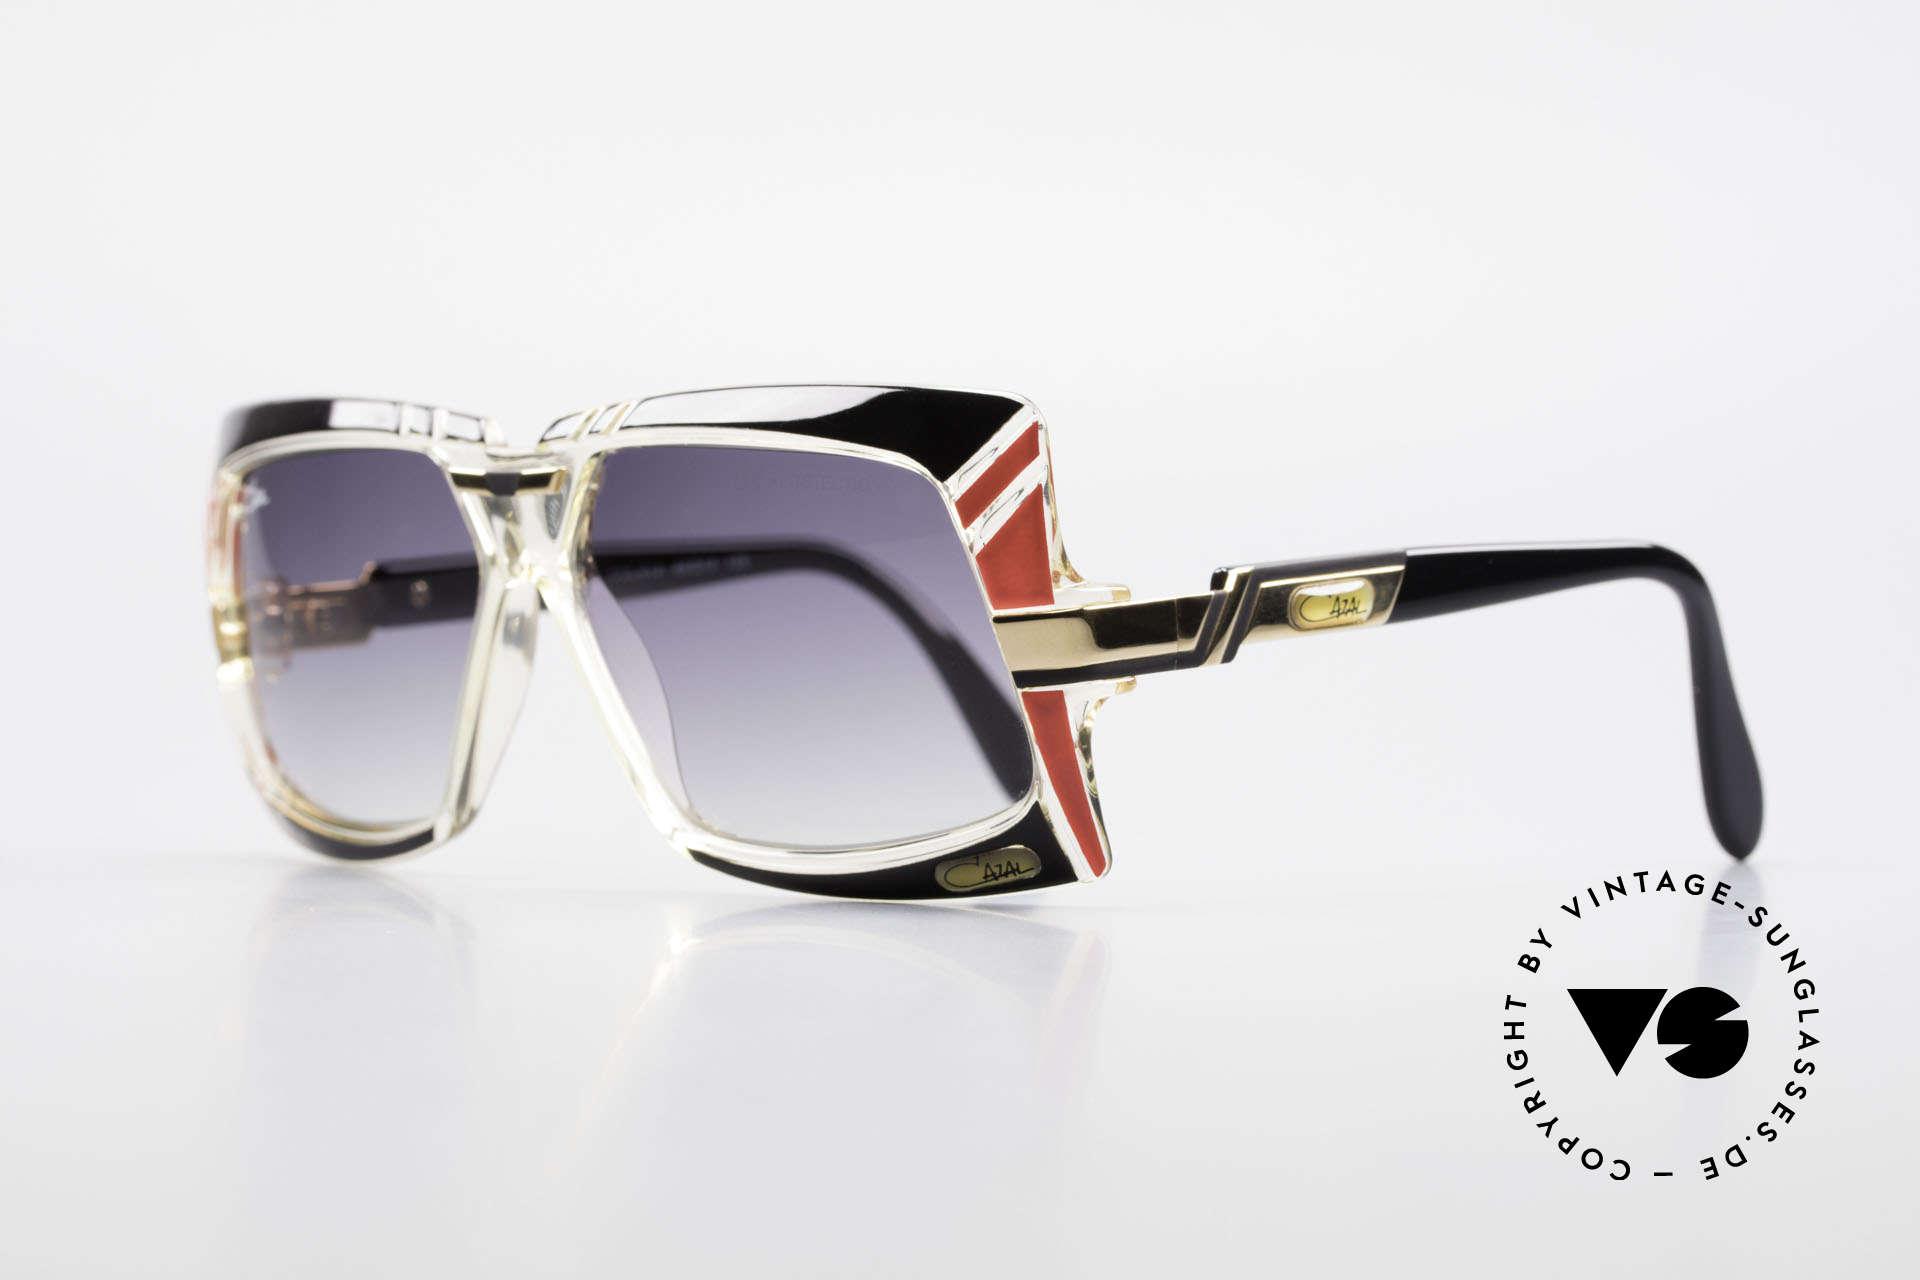 Cazal 869 80er True Vintage Sonnenbrille, Farbbezeichnung 610: schwarz + rot / kristall / gold, Passend für Herren und Damen